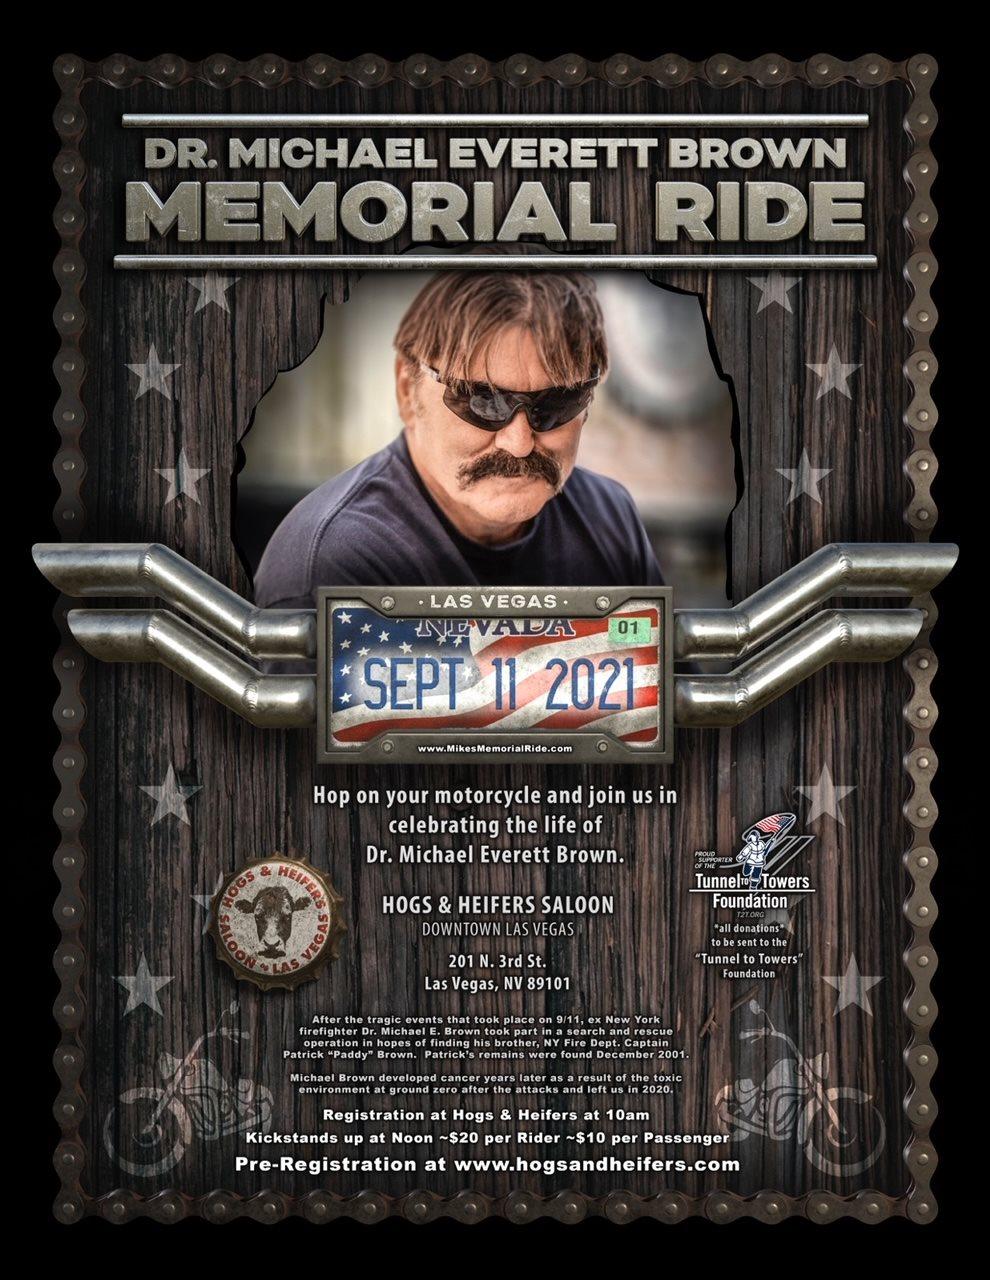 Memorial ride poster